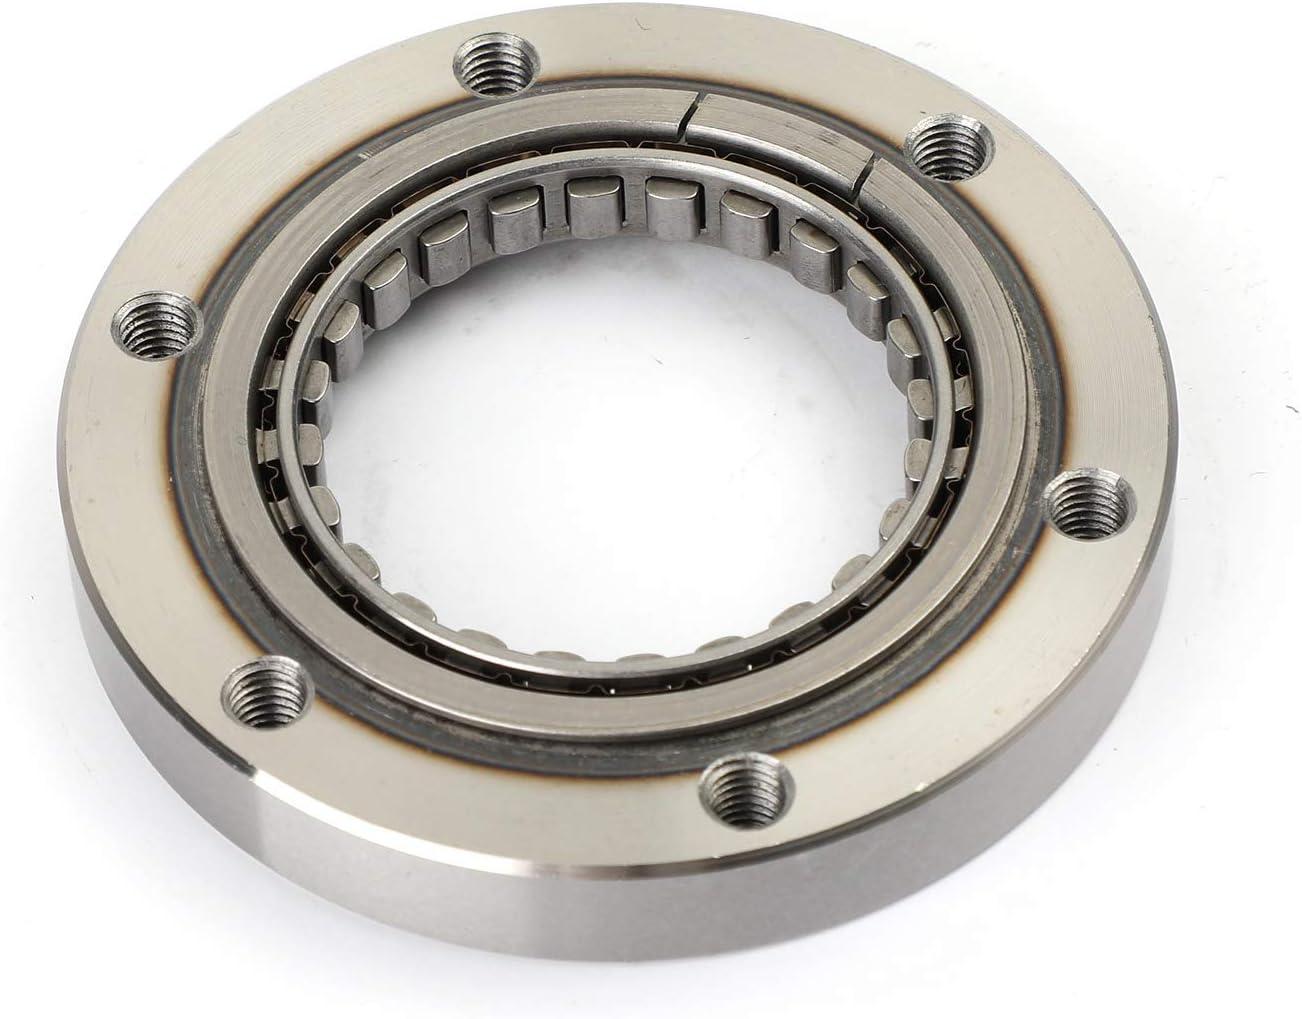 Artudatech Motorrad Starterkupplung Anlasser Freilauf Starterkupplung Bearing Anfahrkupplung Anlasser-Kupplungssatz f/ür TGB BLADE Target 525 425 450 550